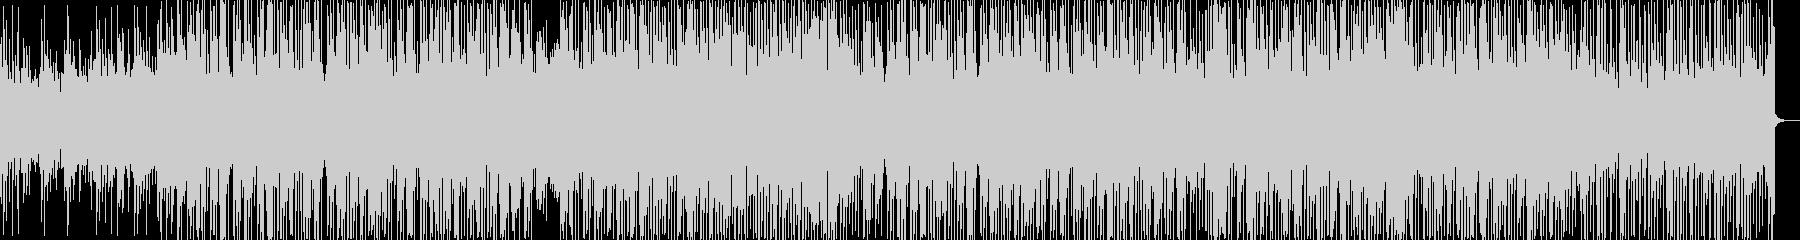 優しいゆったりとしたHiphopBeatの未再生の波形